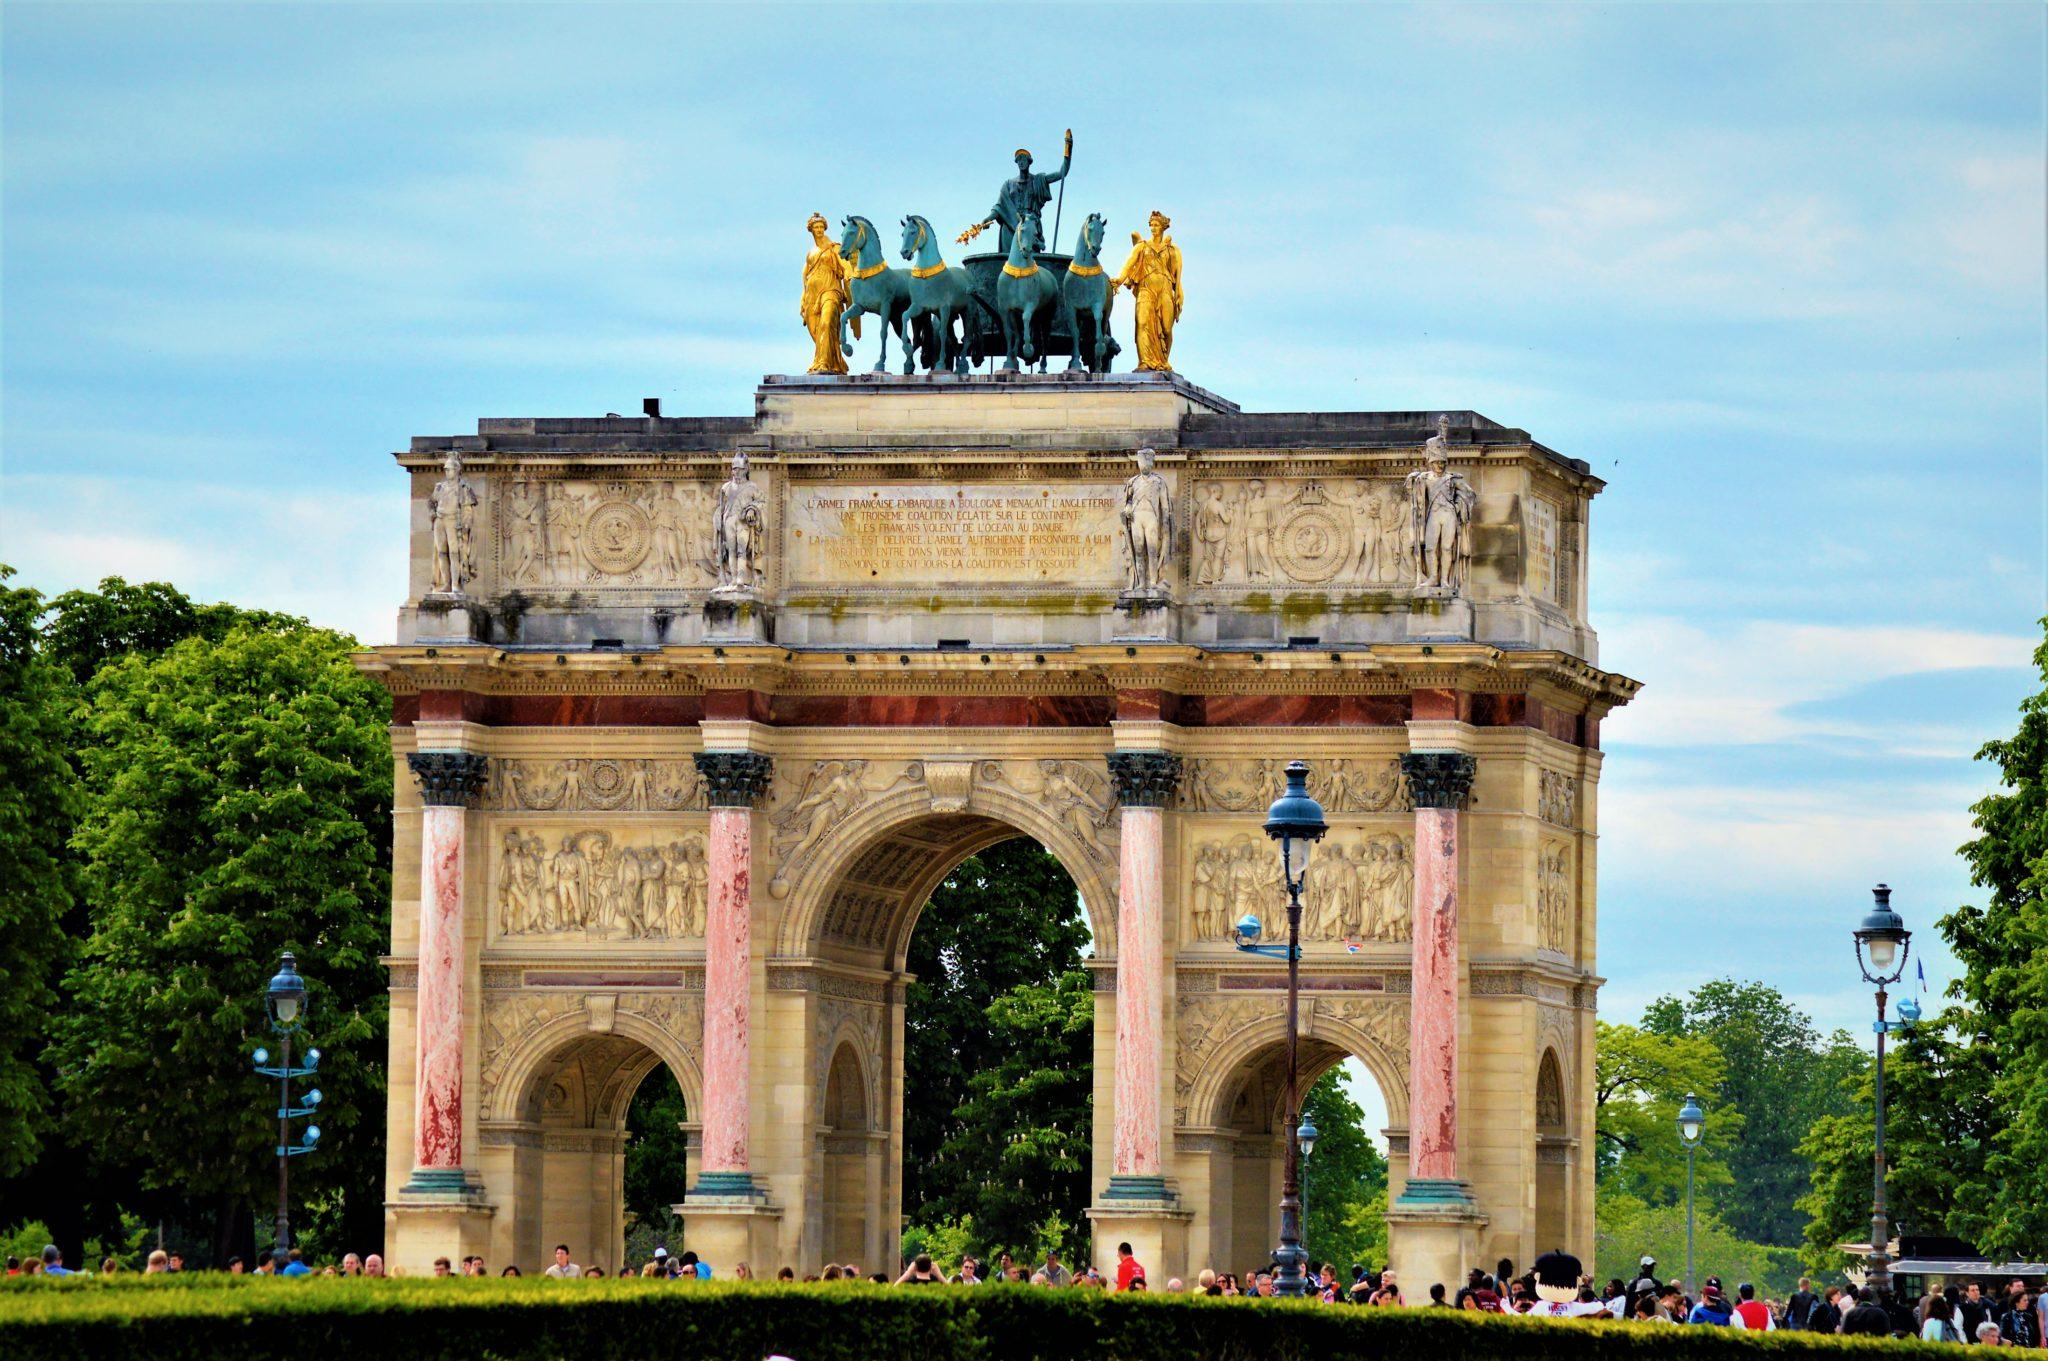 The Arc de Triomphe du Carrousel near Louvre, Paris, France